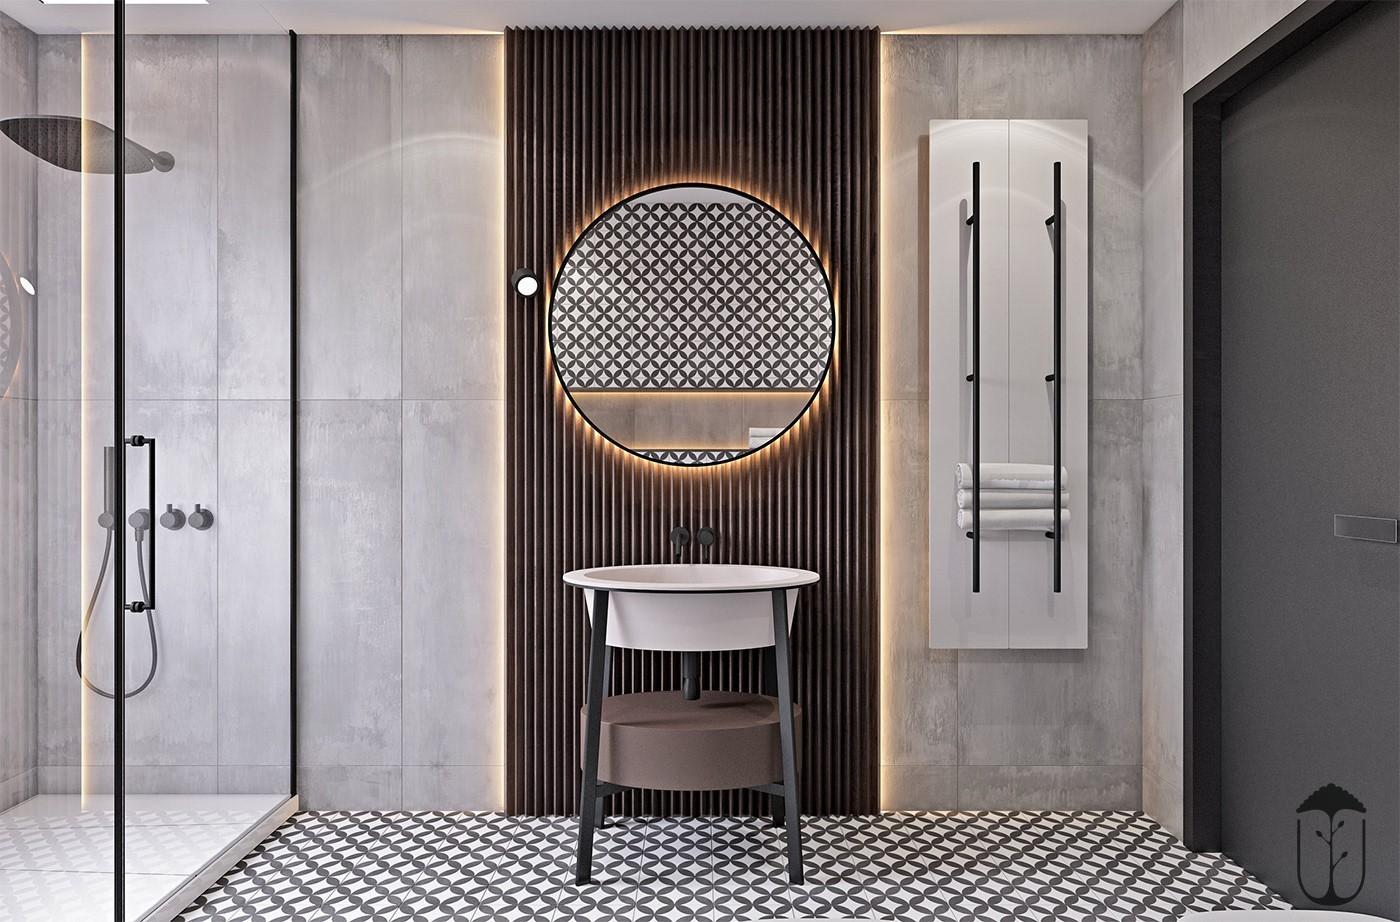 2020工业卫生间装修图片 2020工业洗漱台装饰设计